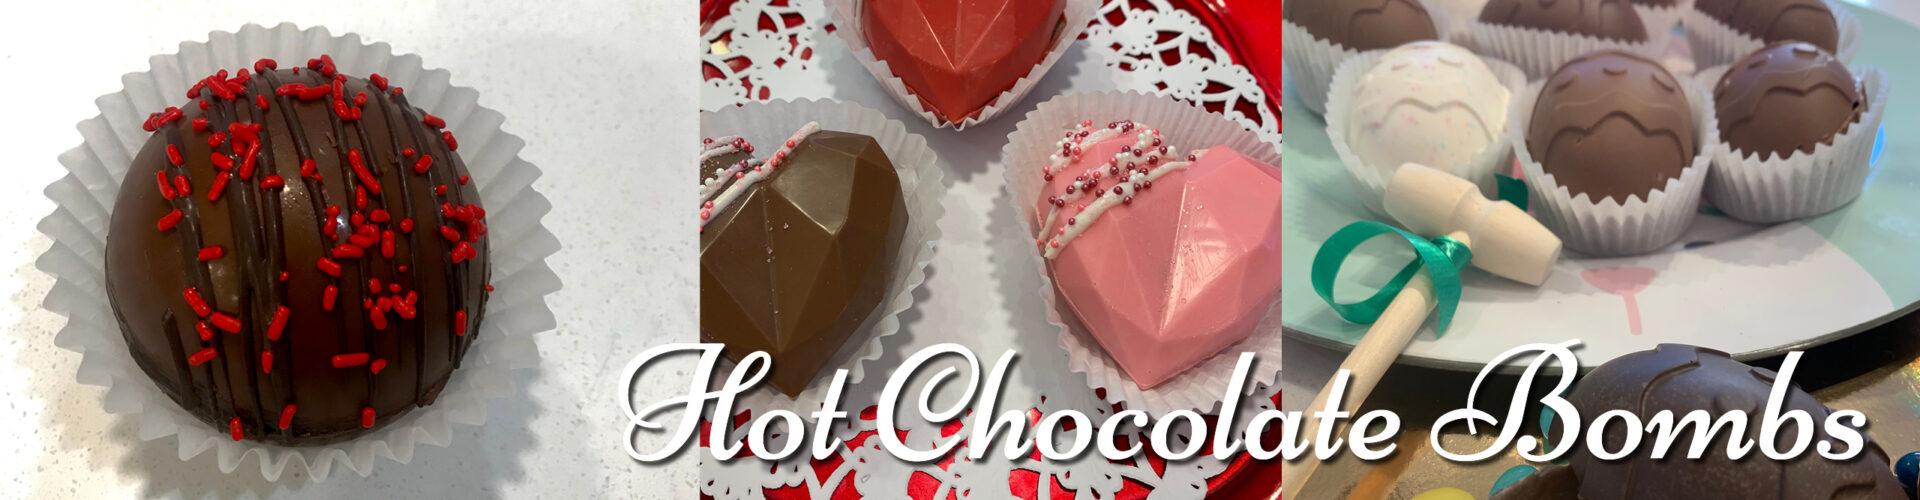 Chocolate Bombs